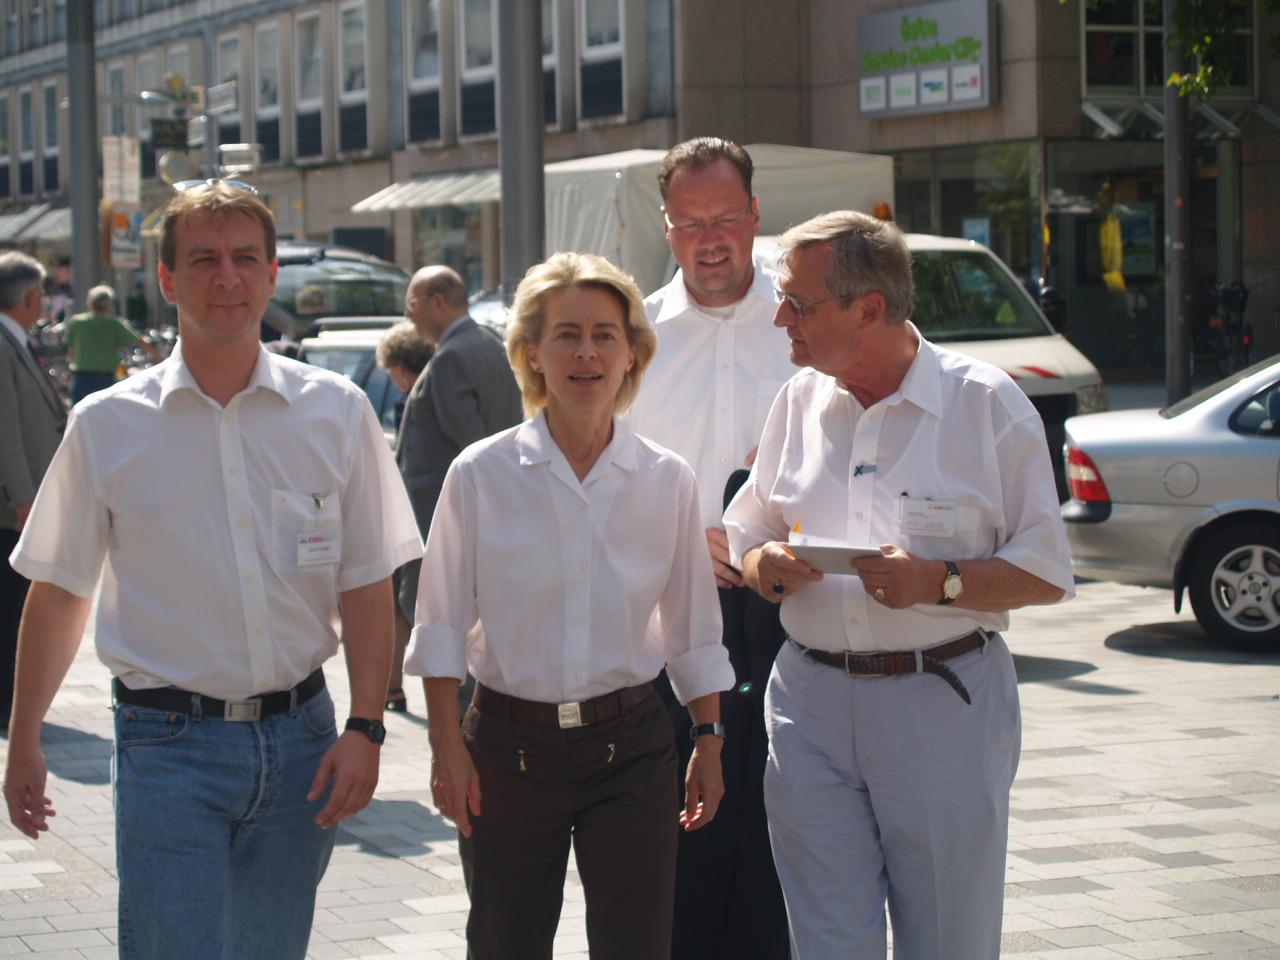 Wahlkampf mit Frau von der Leyen.jpg